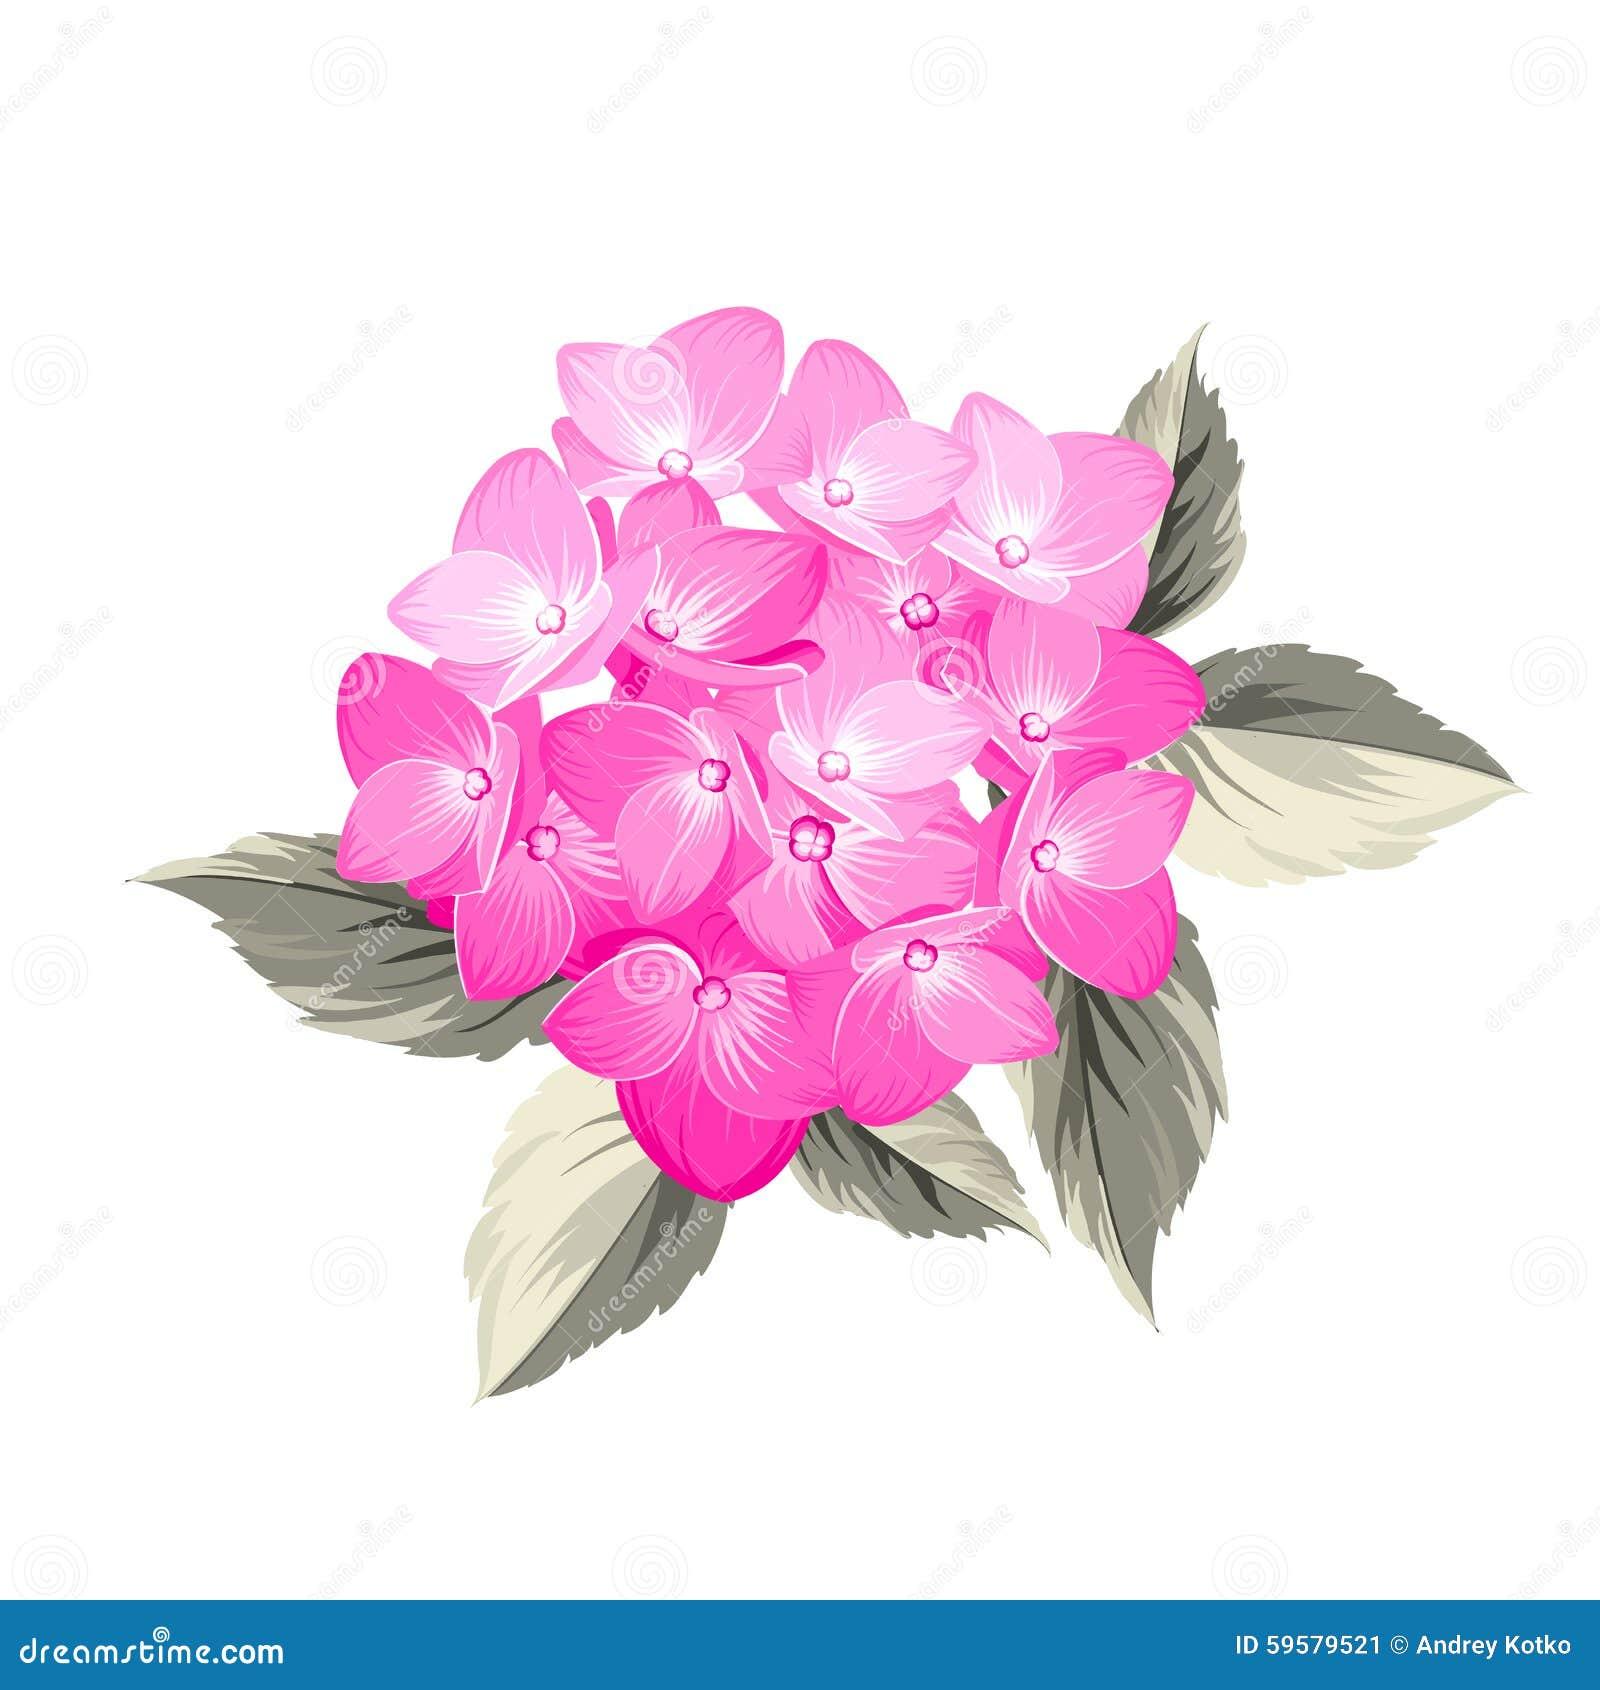 Hydrangea Flower Stock Vector Illustration Of Flower 59579521